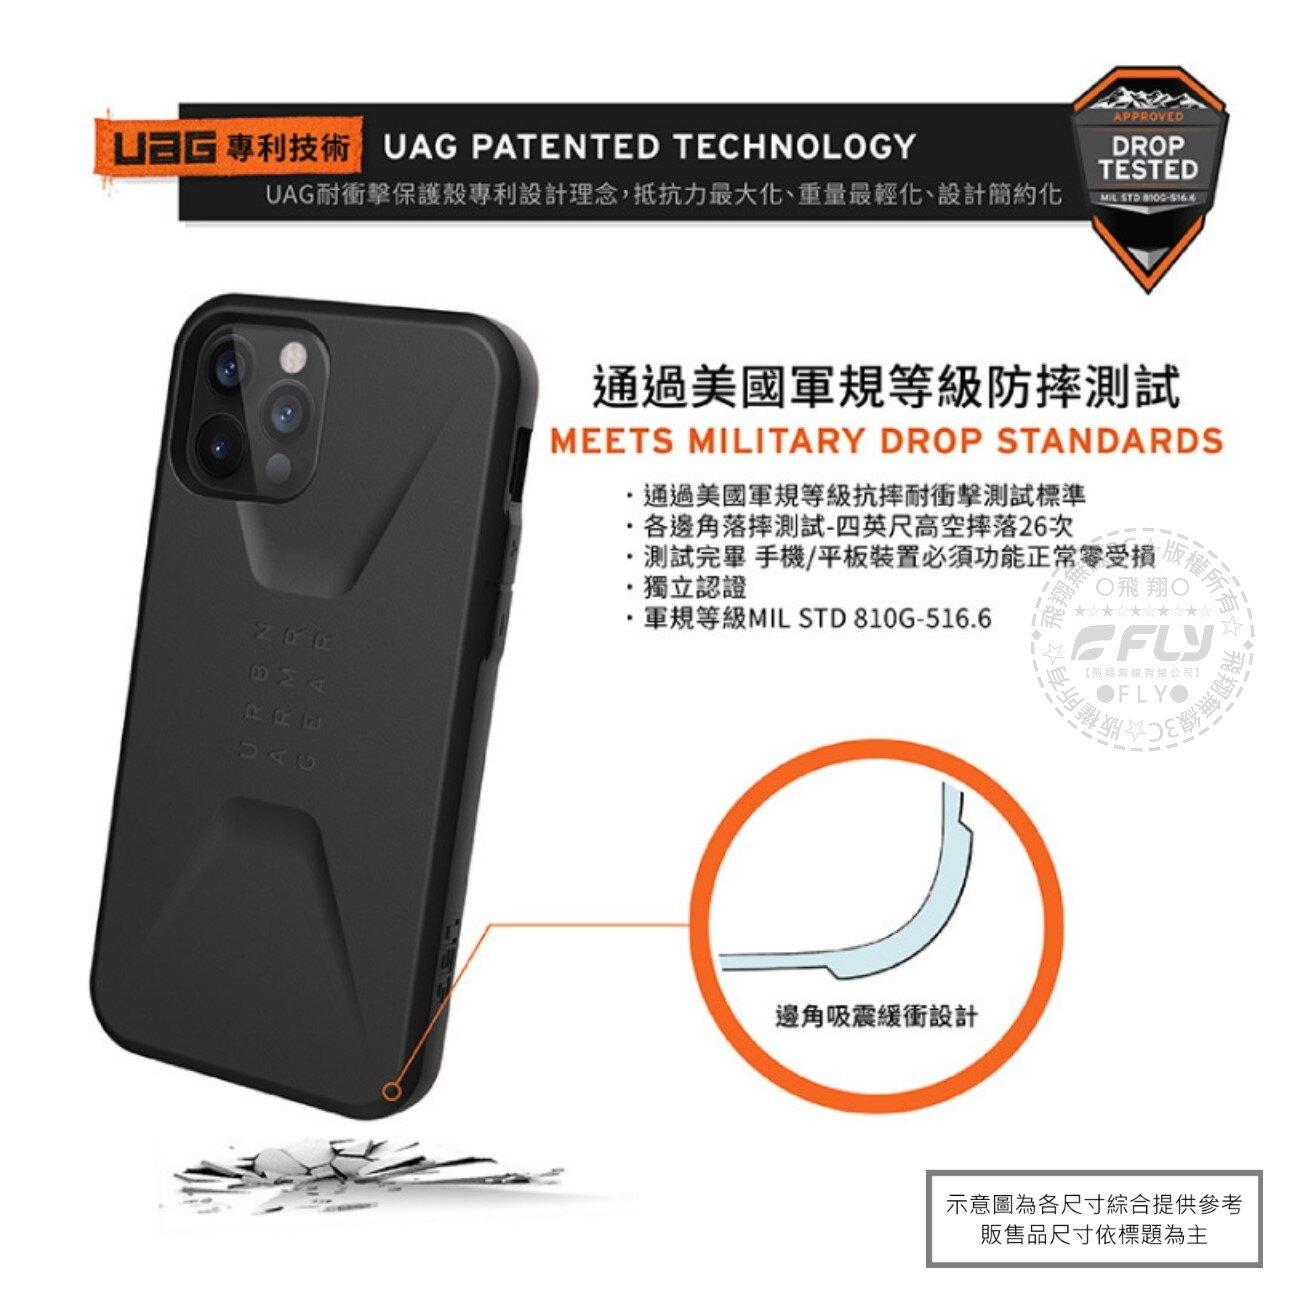 《飛翔無線3C》UAG iPhone 12 Pro Max 耐衝擊簡約保護殼 6.7吋◉公司貨◉美國軍規防摔手機殼